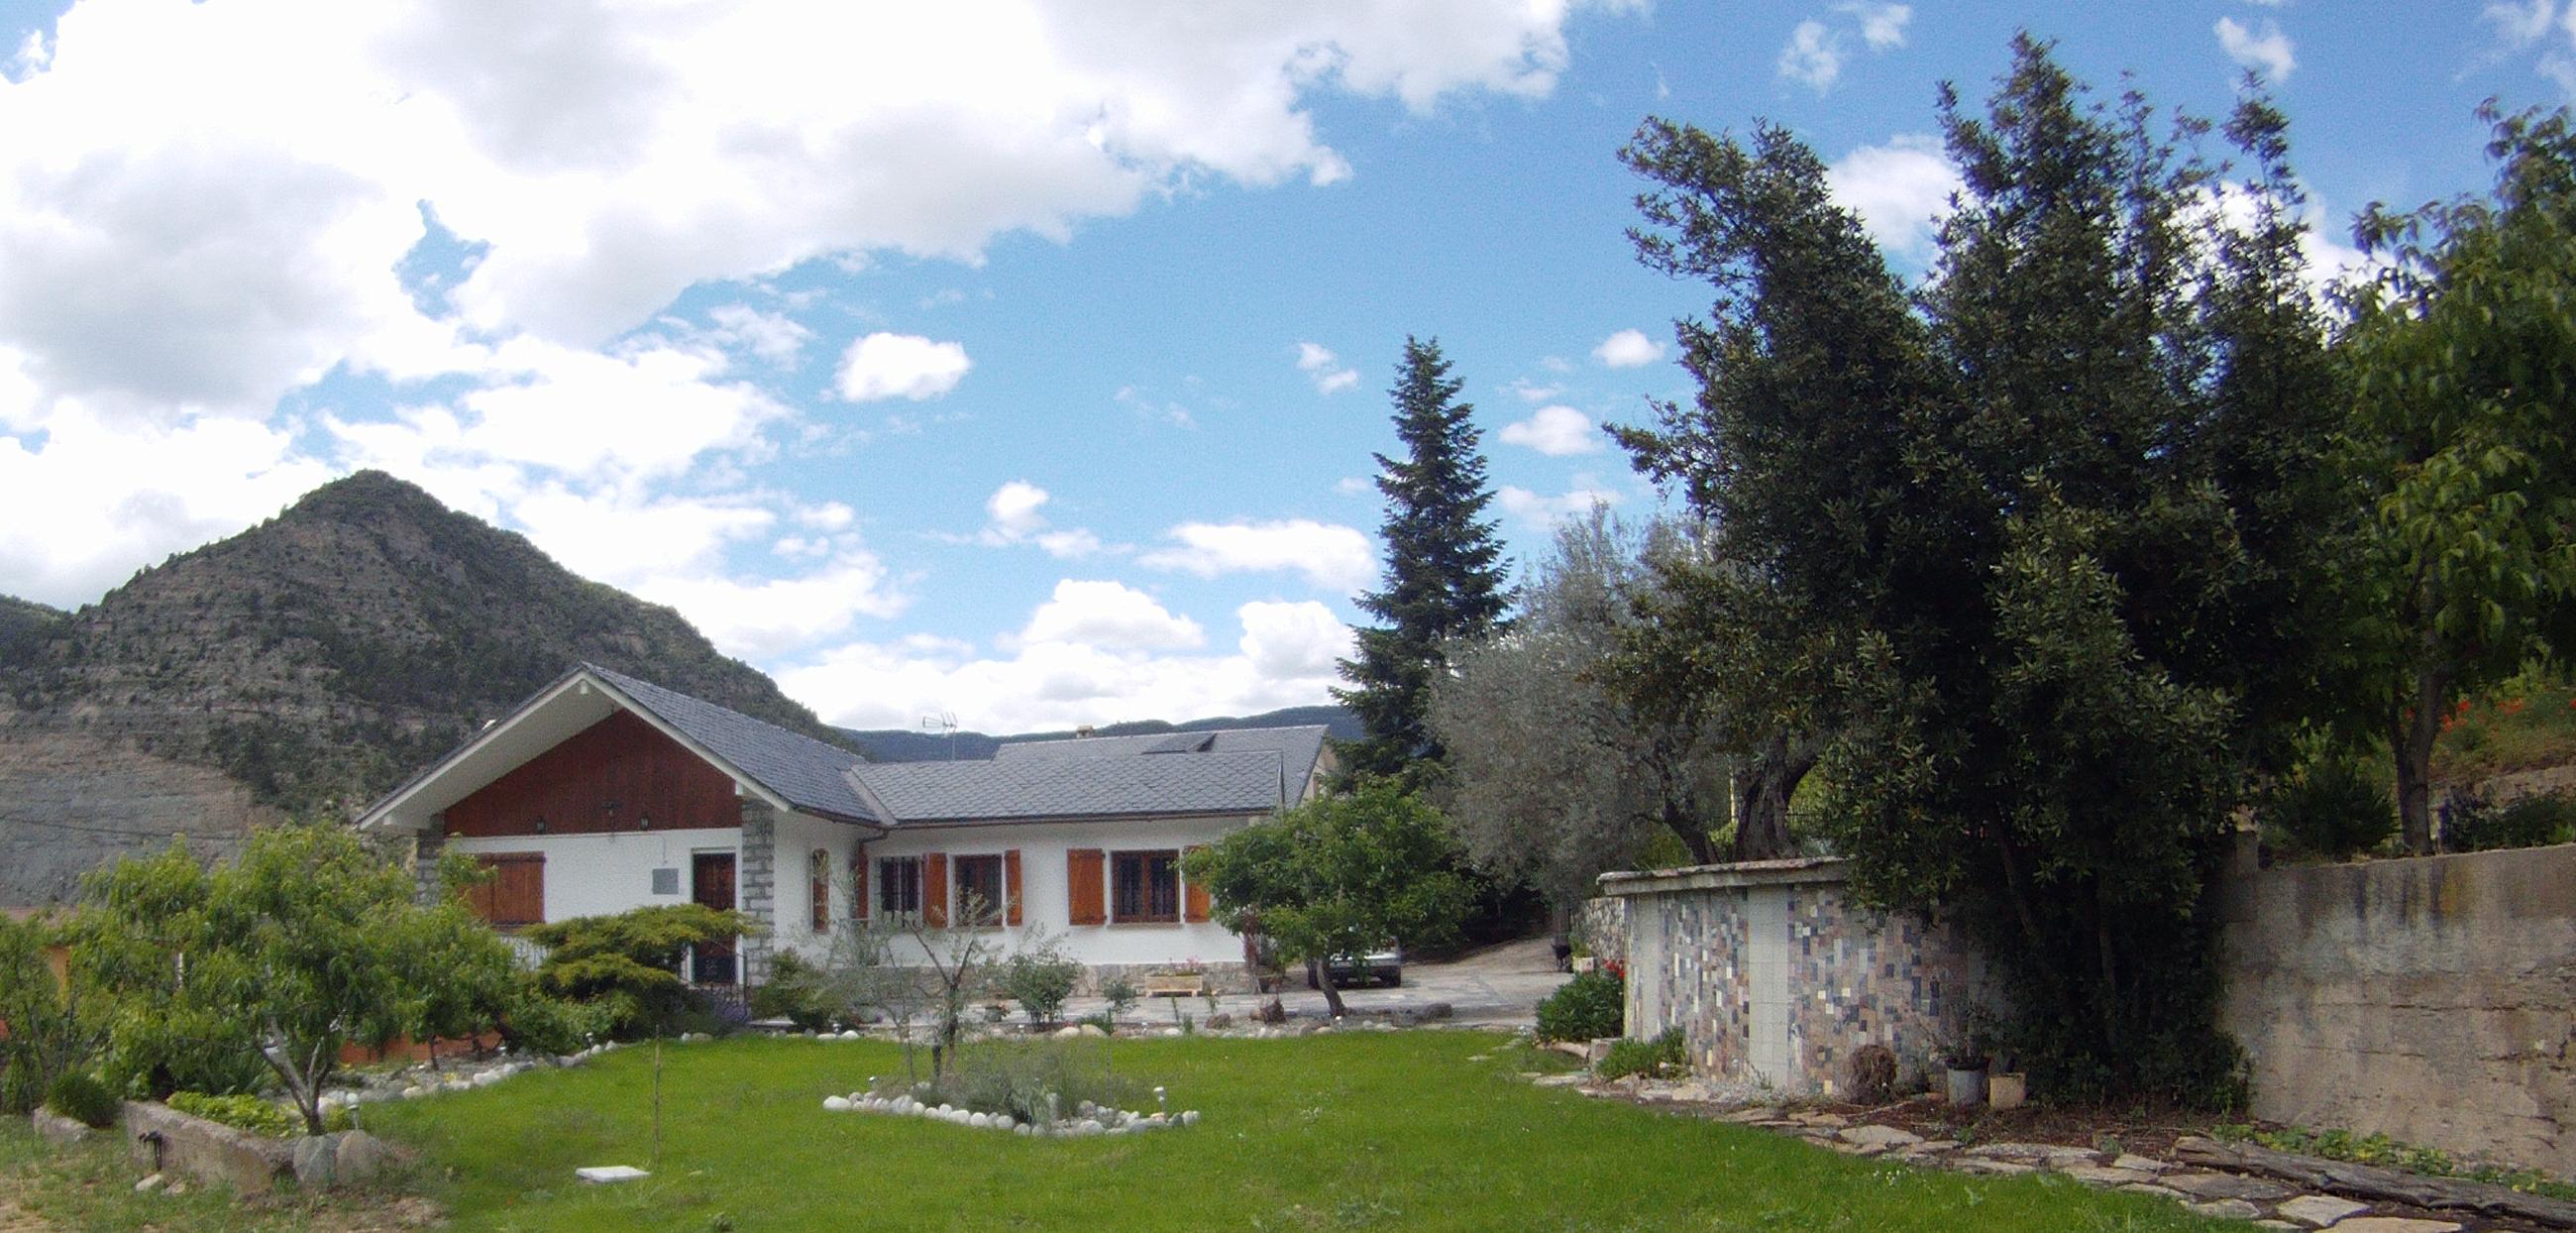 Imagen de El Chalé de Sopena,                                         propietario de El Chalé de Sopena